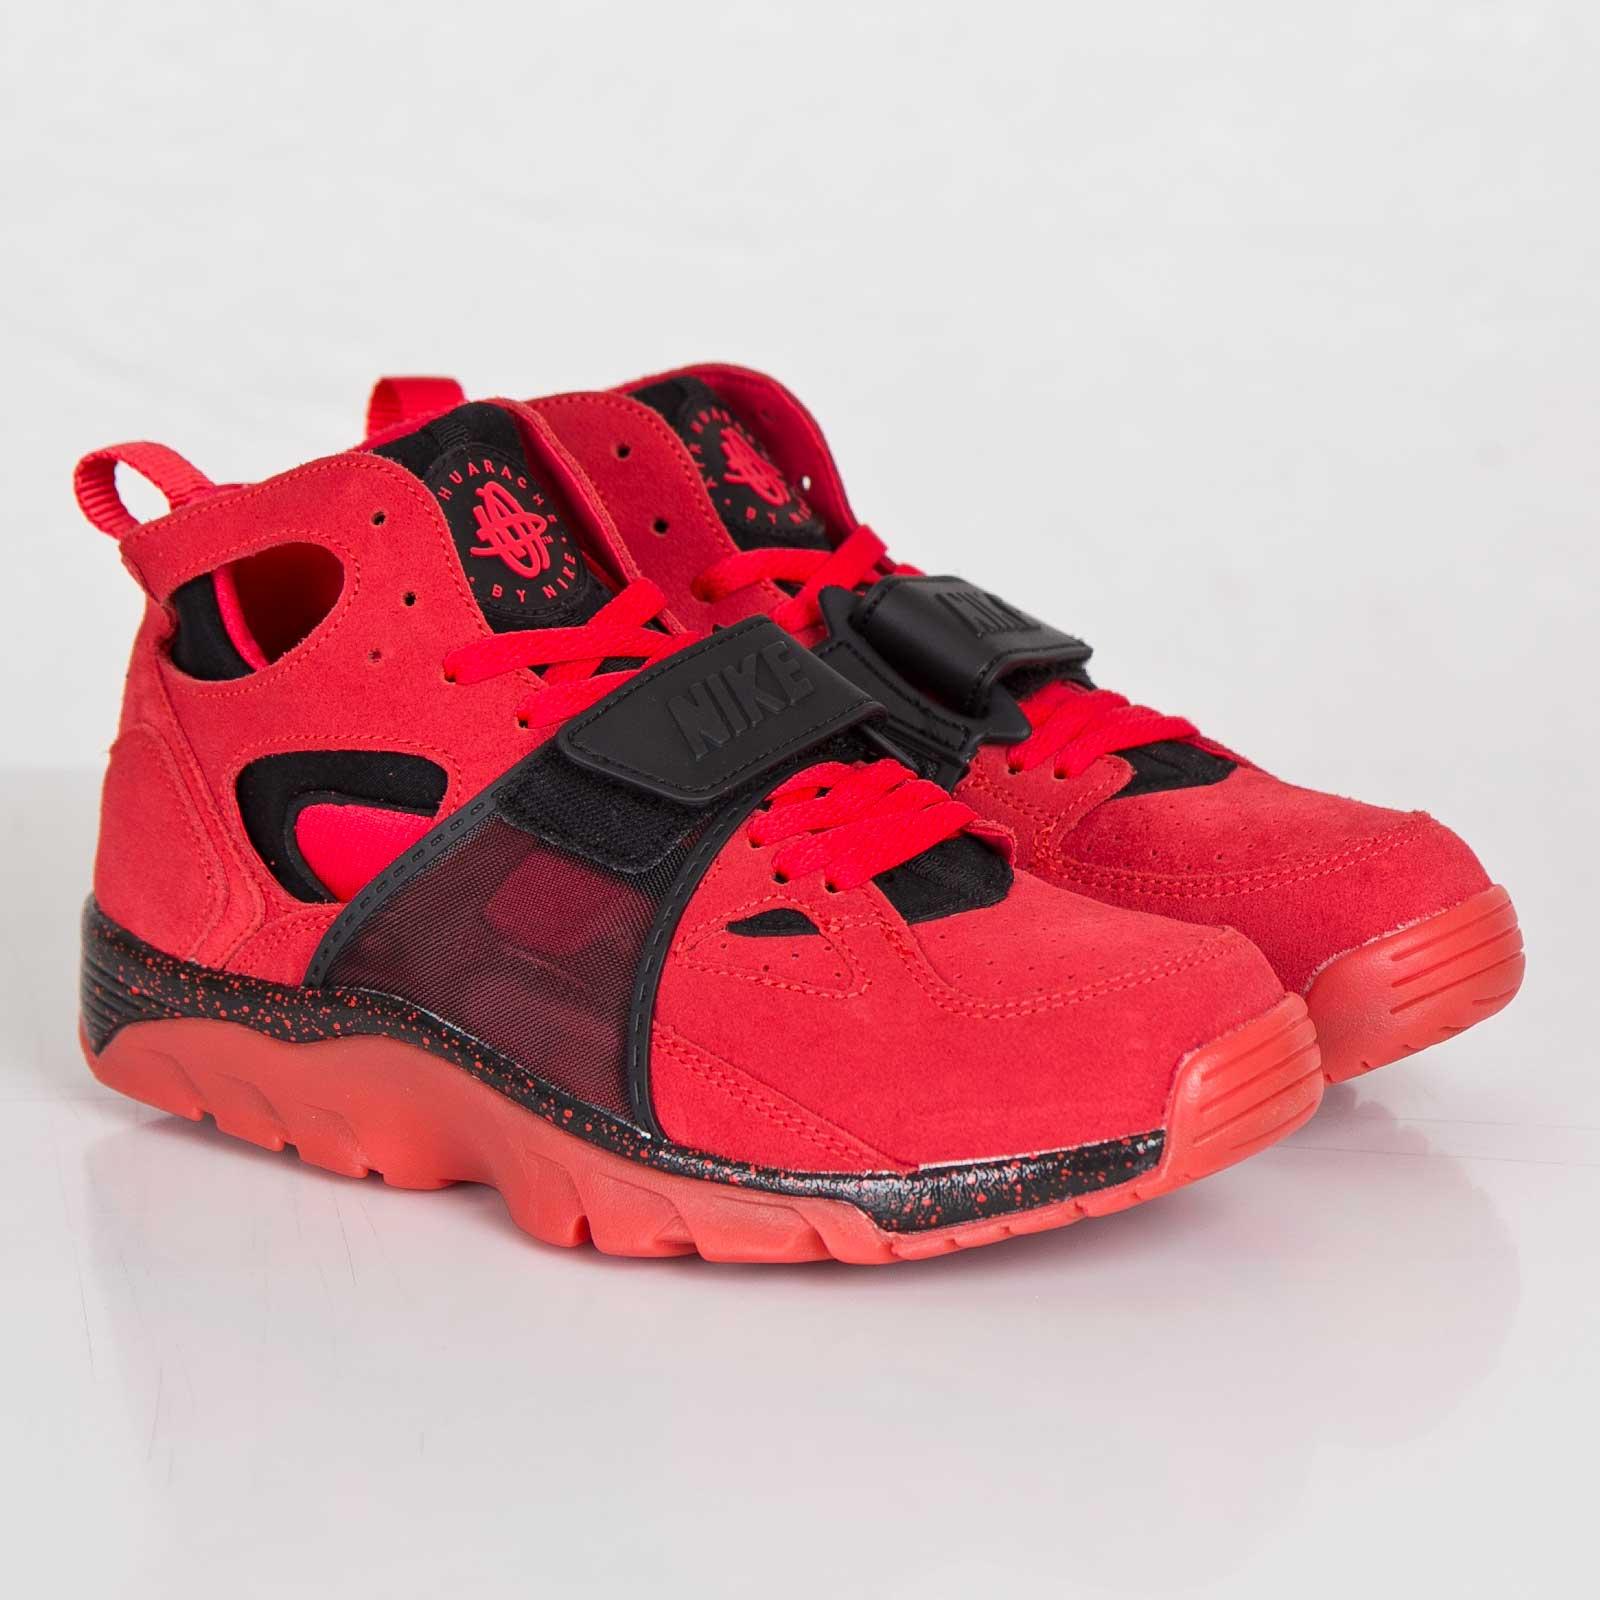 009ea9ff17cc Nike Air Trainer Huarache Premium QS - 647591-600 - Sneakersnstuff ...